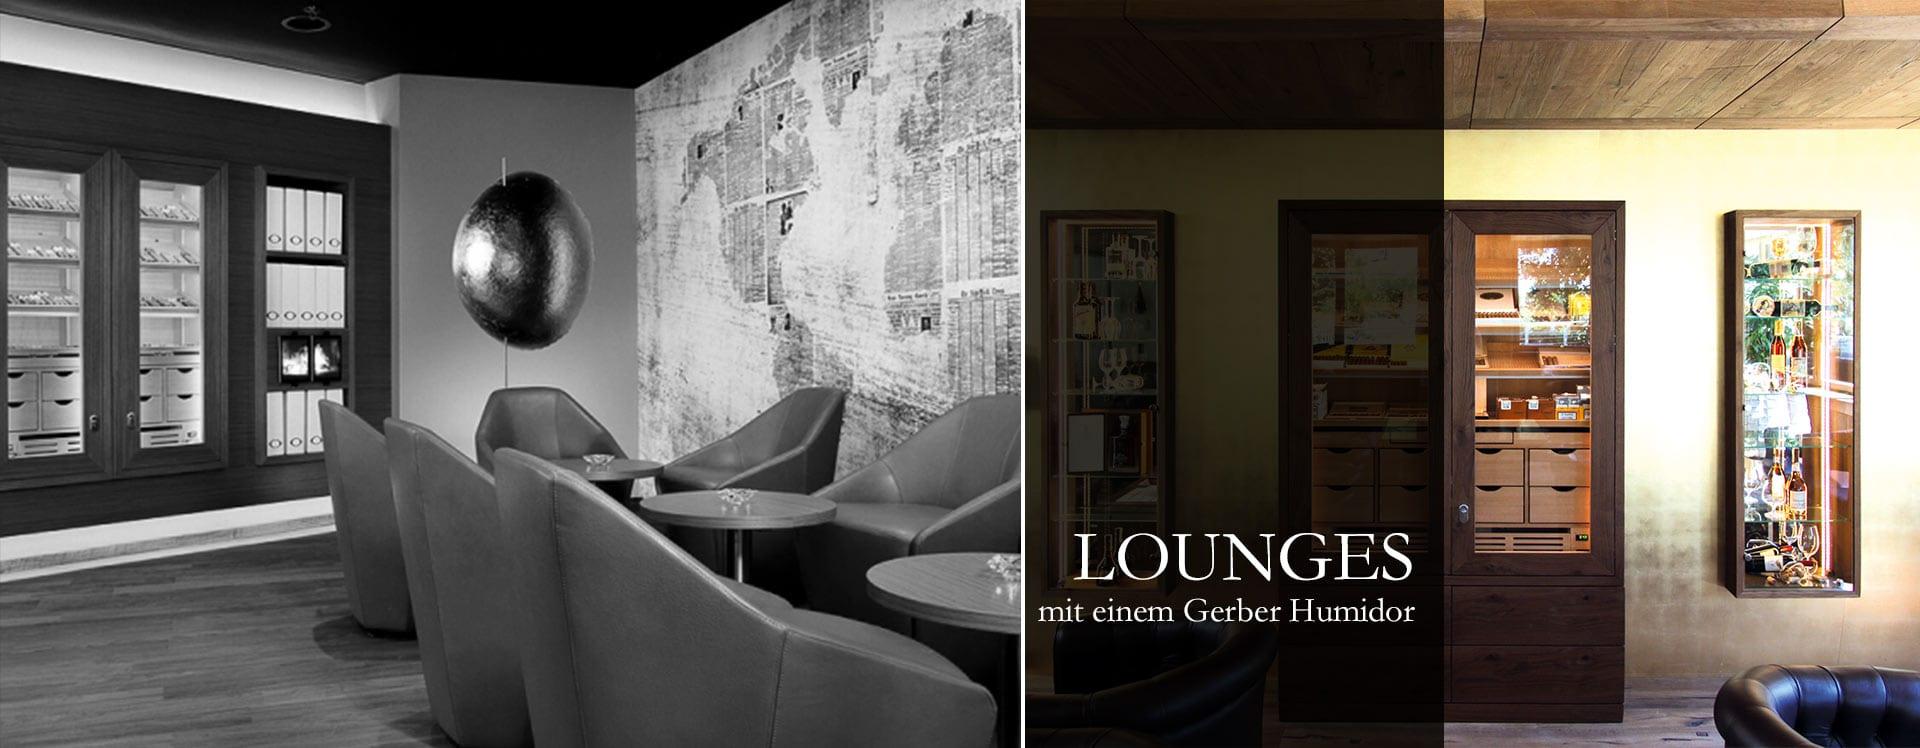 Cigar Lounges Raucherlounges GERBER Humidor